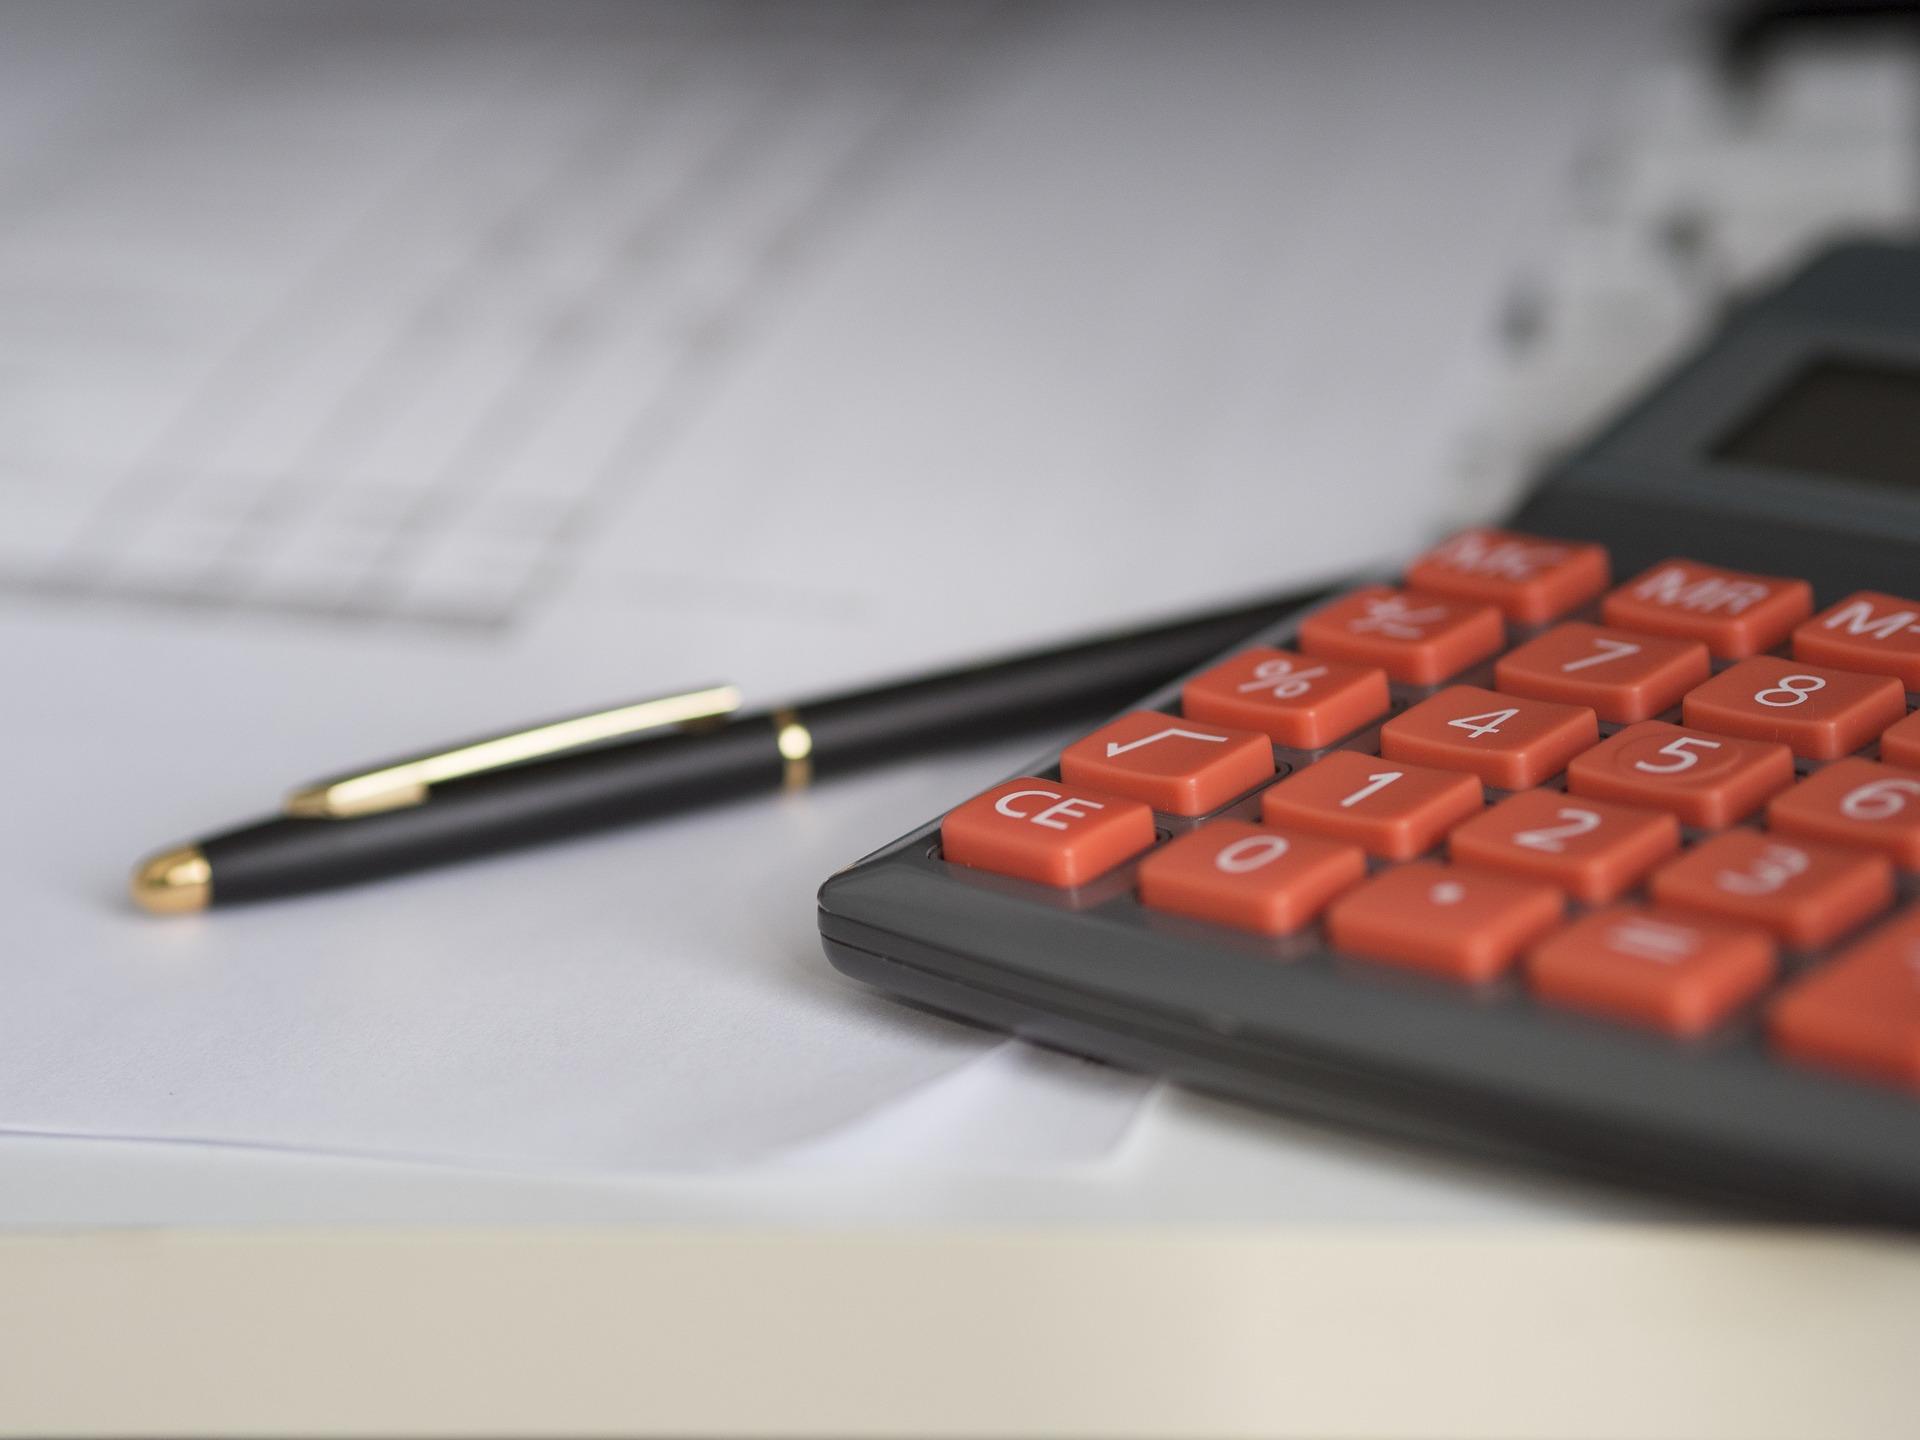 タイの給与計算はどのような方法で行われているのか。